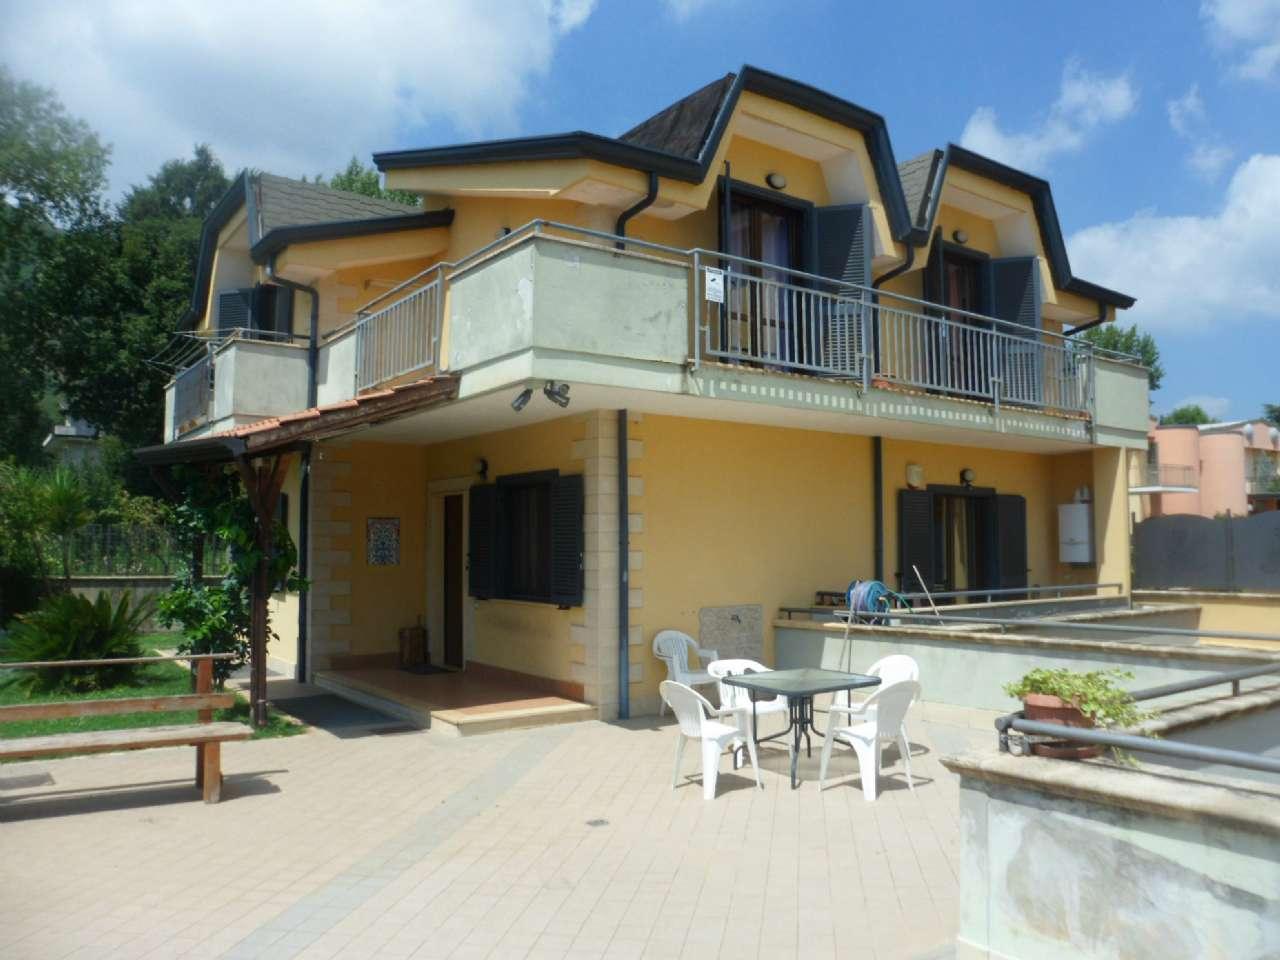 Villa in vendita a Airola, 6 locali, prezzo € 230.000 | CambioCasa.it